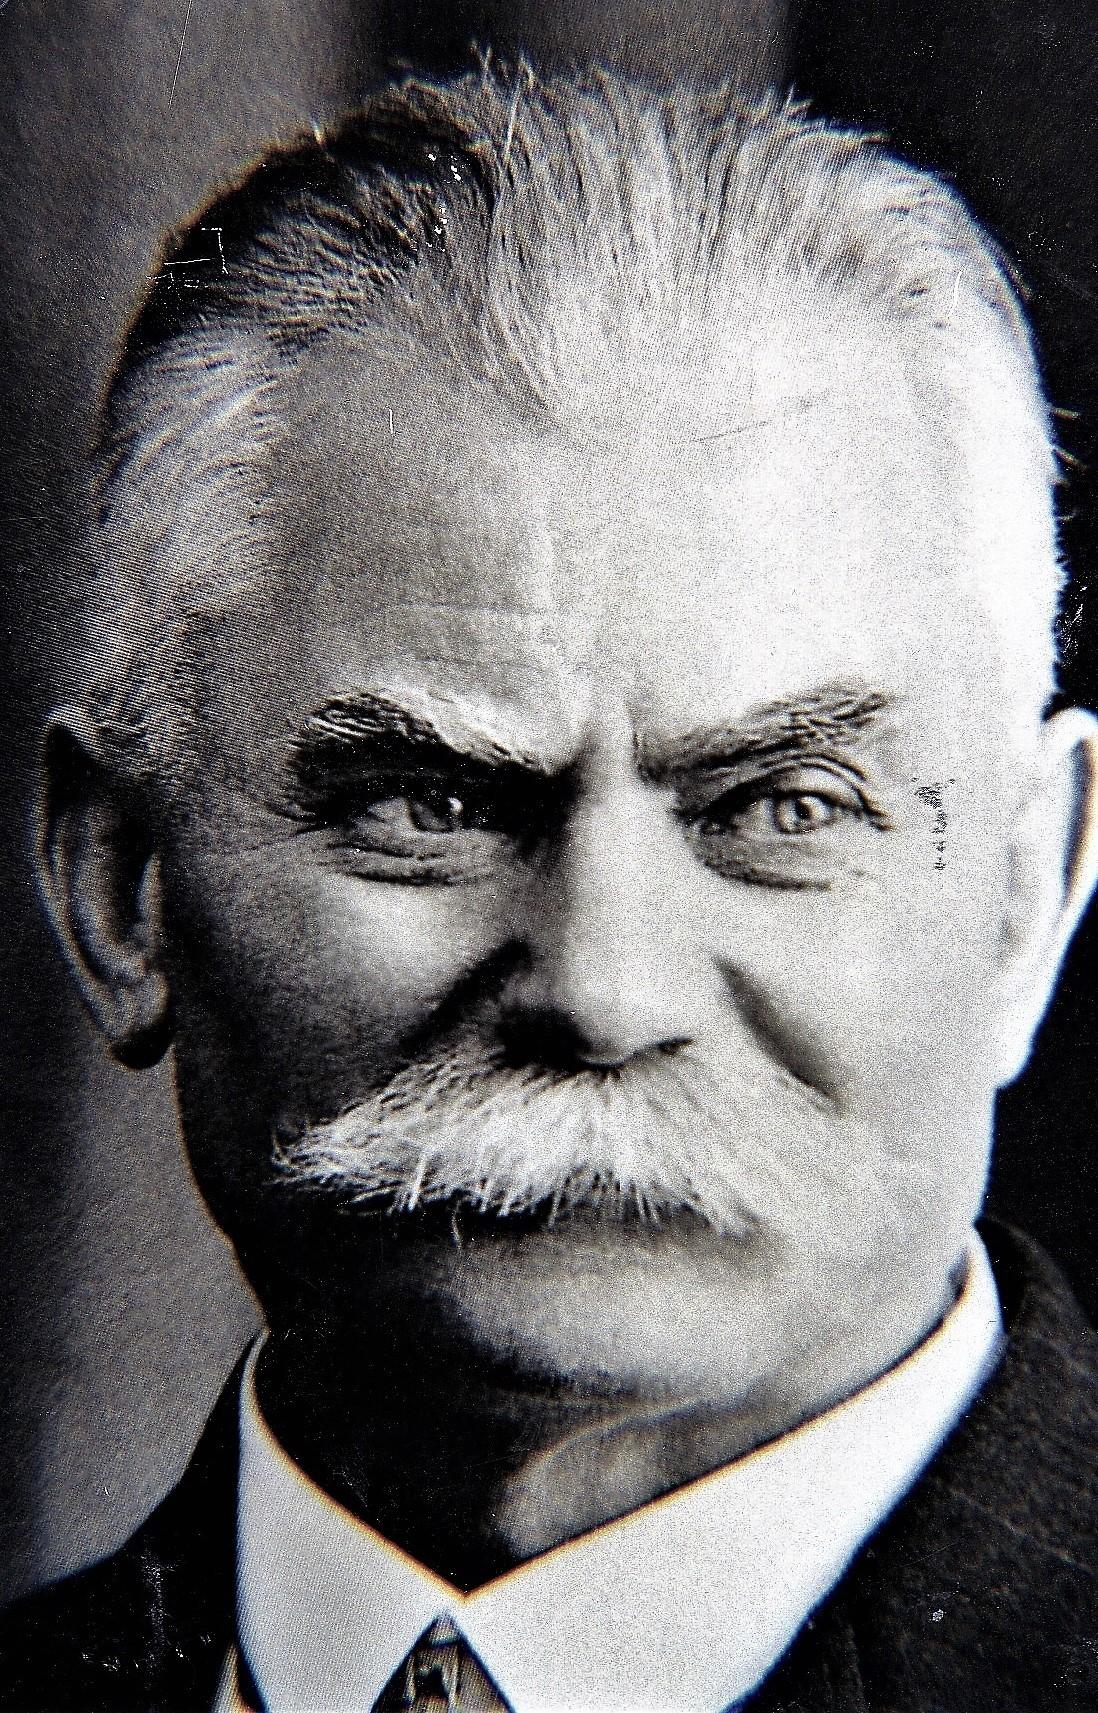 Hermann Beims, ehemalige Oberbürgermeister von Magdeburg